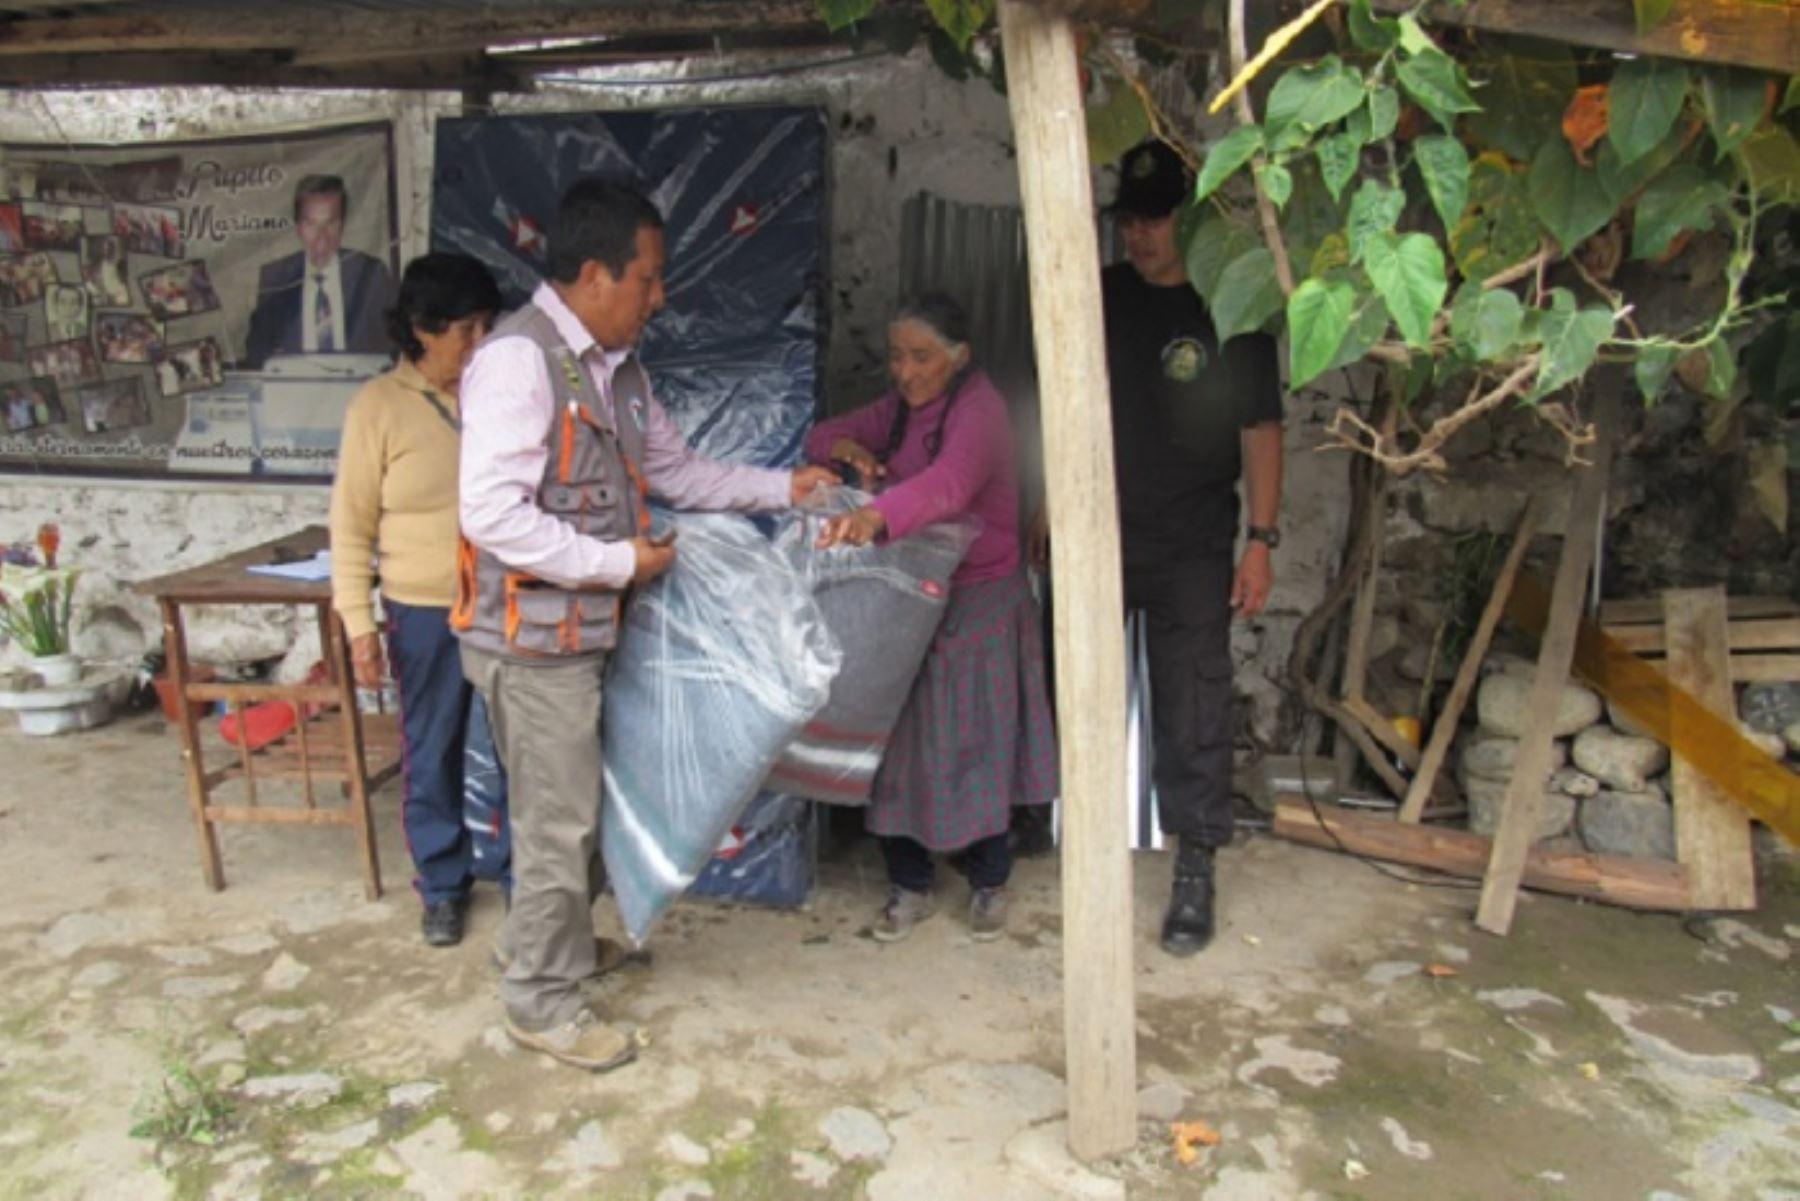 Se prestó ayuda con colchones, frazadas y utensilios a una anciana de la urbanización Santa Rosa, cuya vivienda colapsó